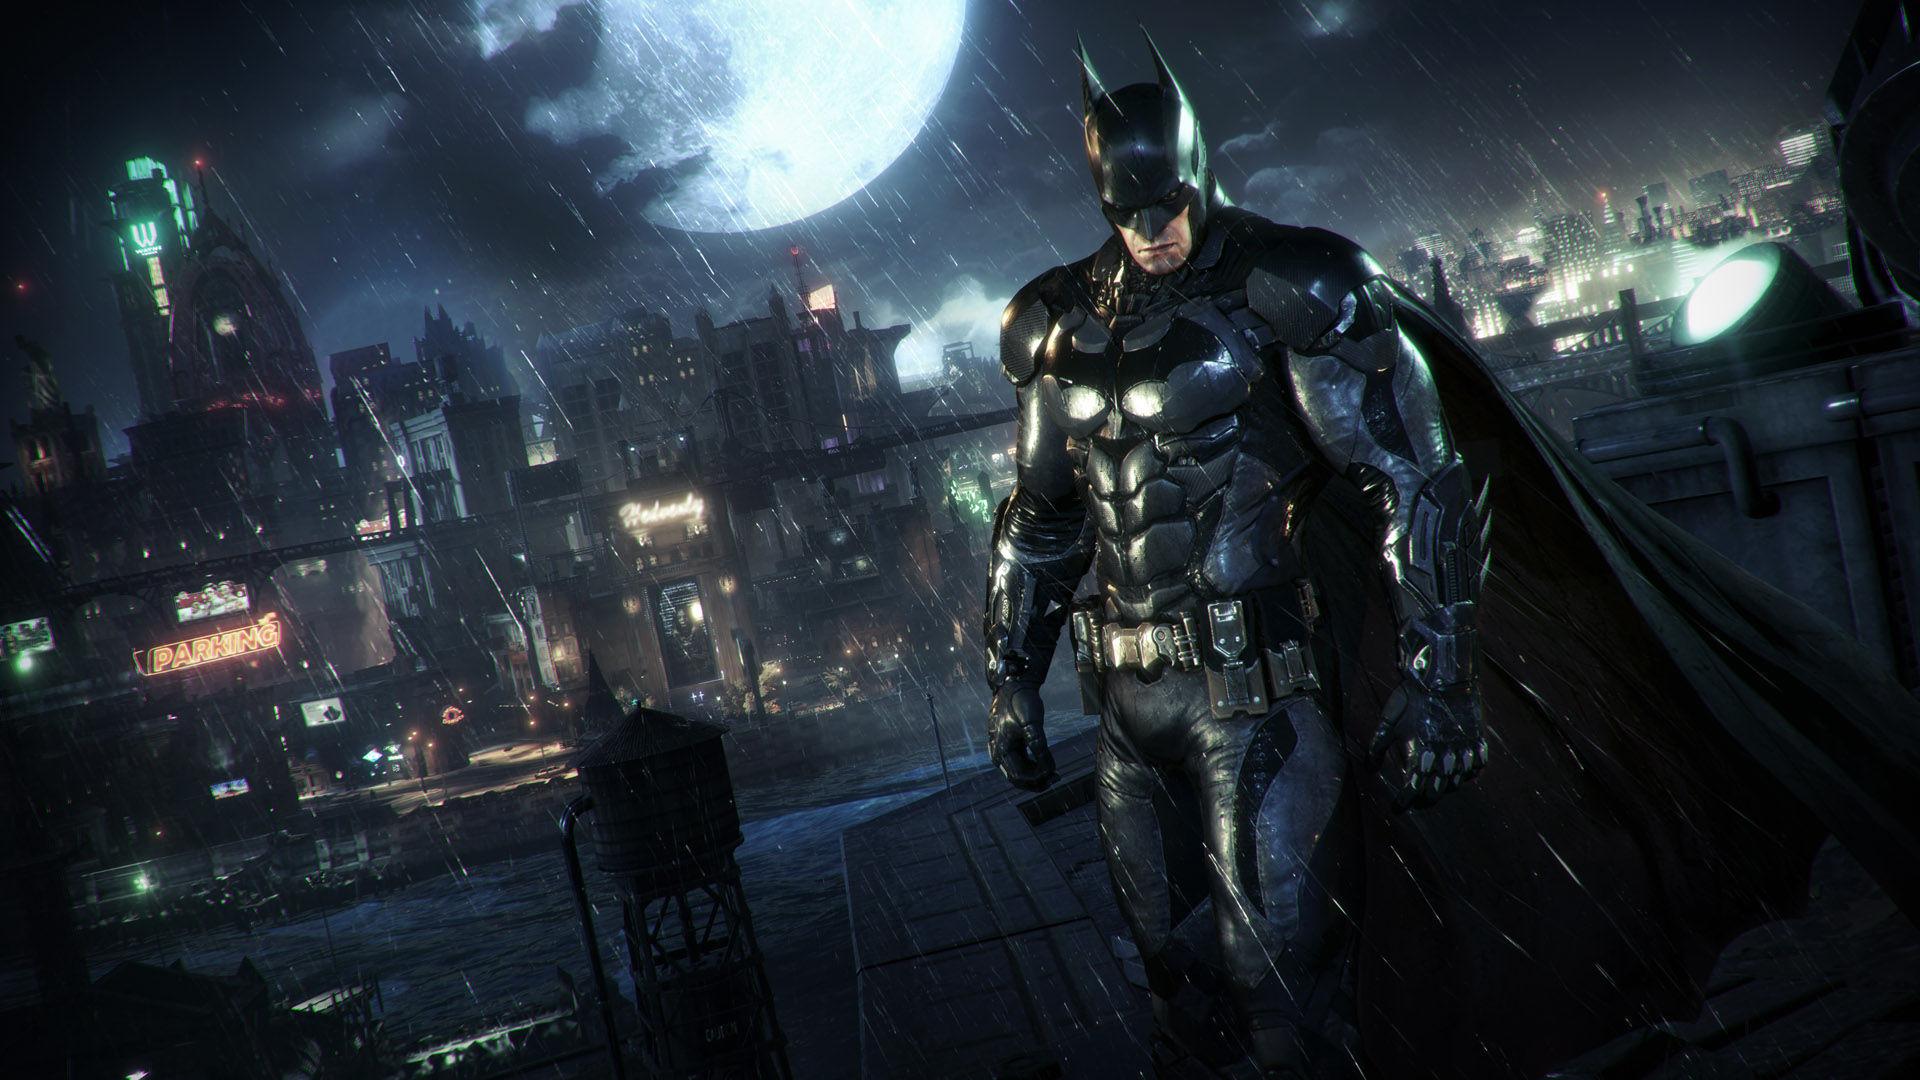 batman-arkham-knight-psc-gamescom-2014-1